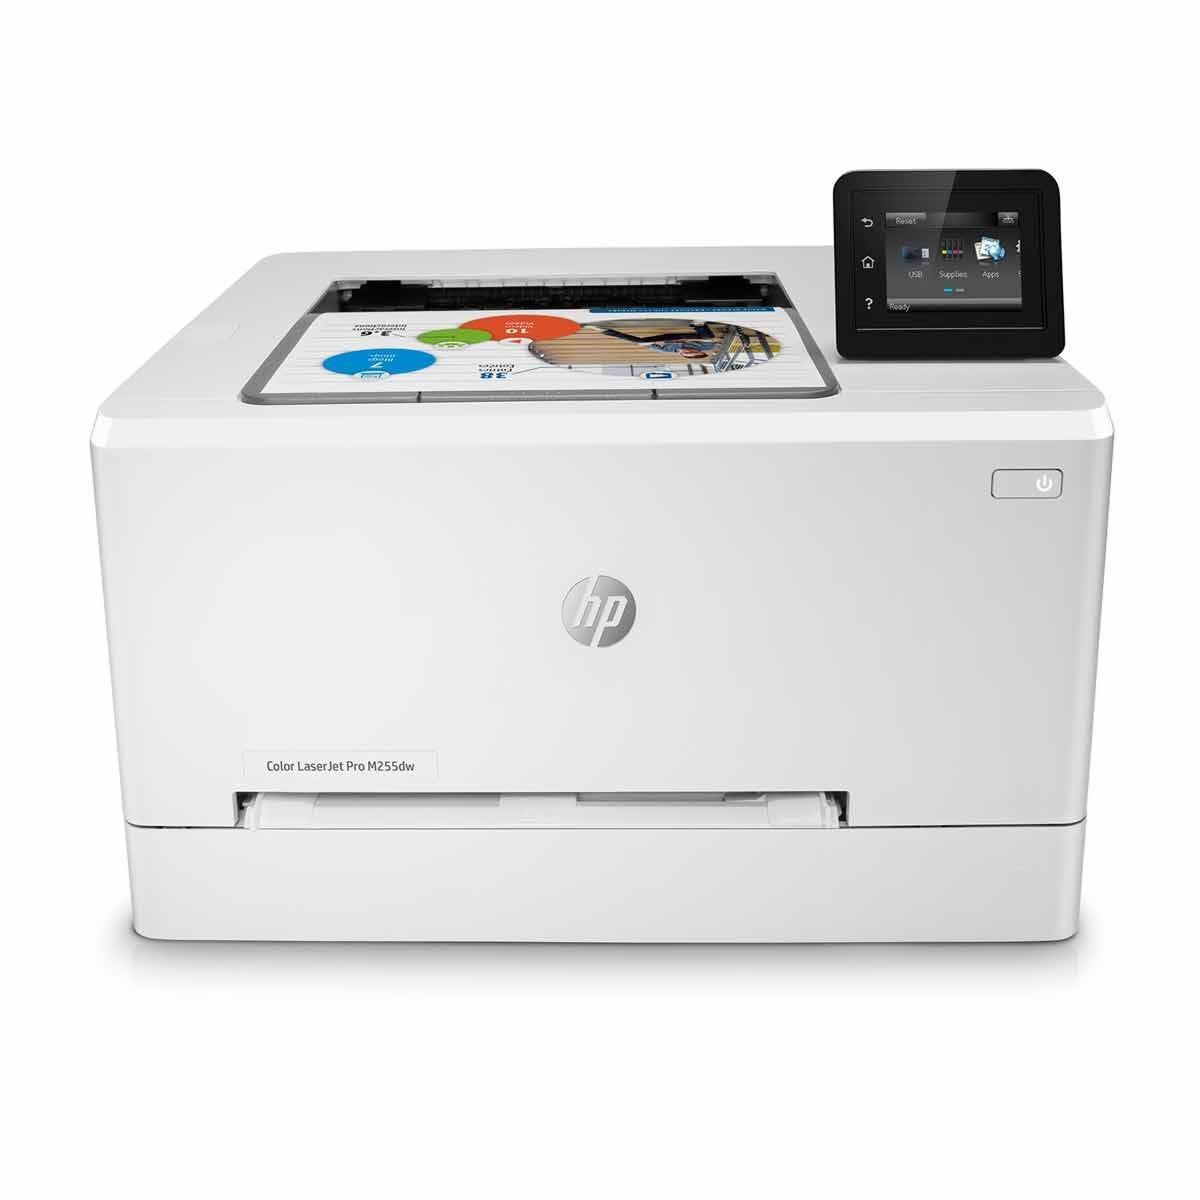 HP Colour LaserJet Pro M255dw Wireless Colour Printer